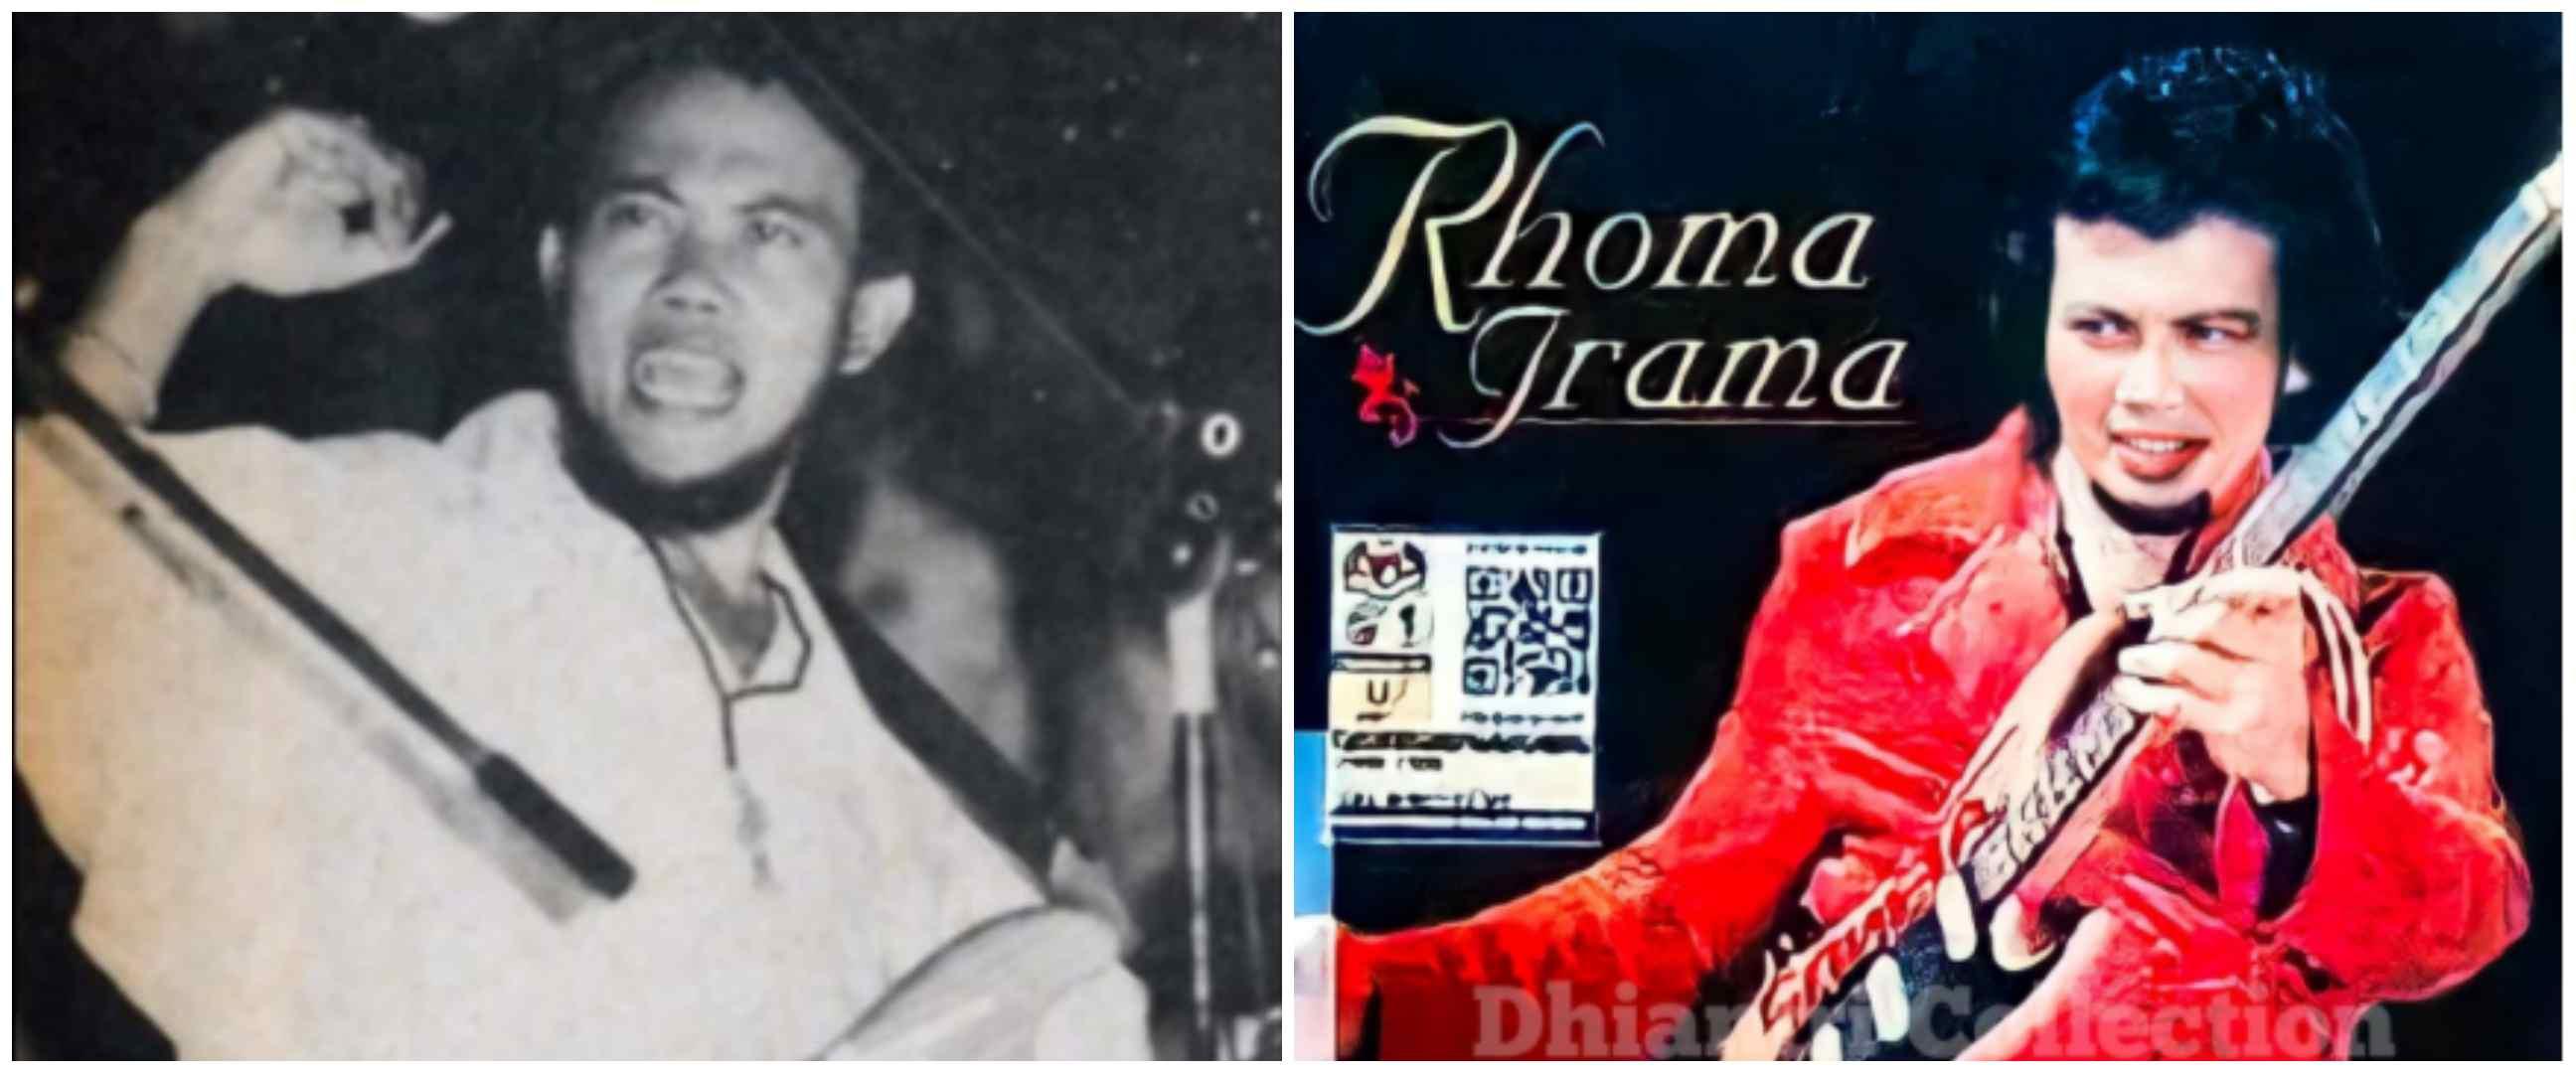 11 Gaya busana Rhoma Irama saat muda, syal dan cutbrai jadi andalan